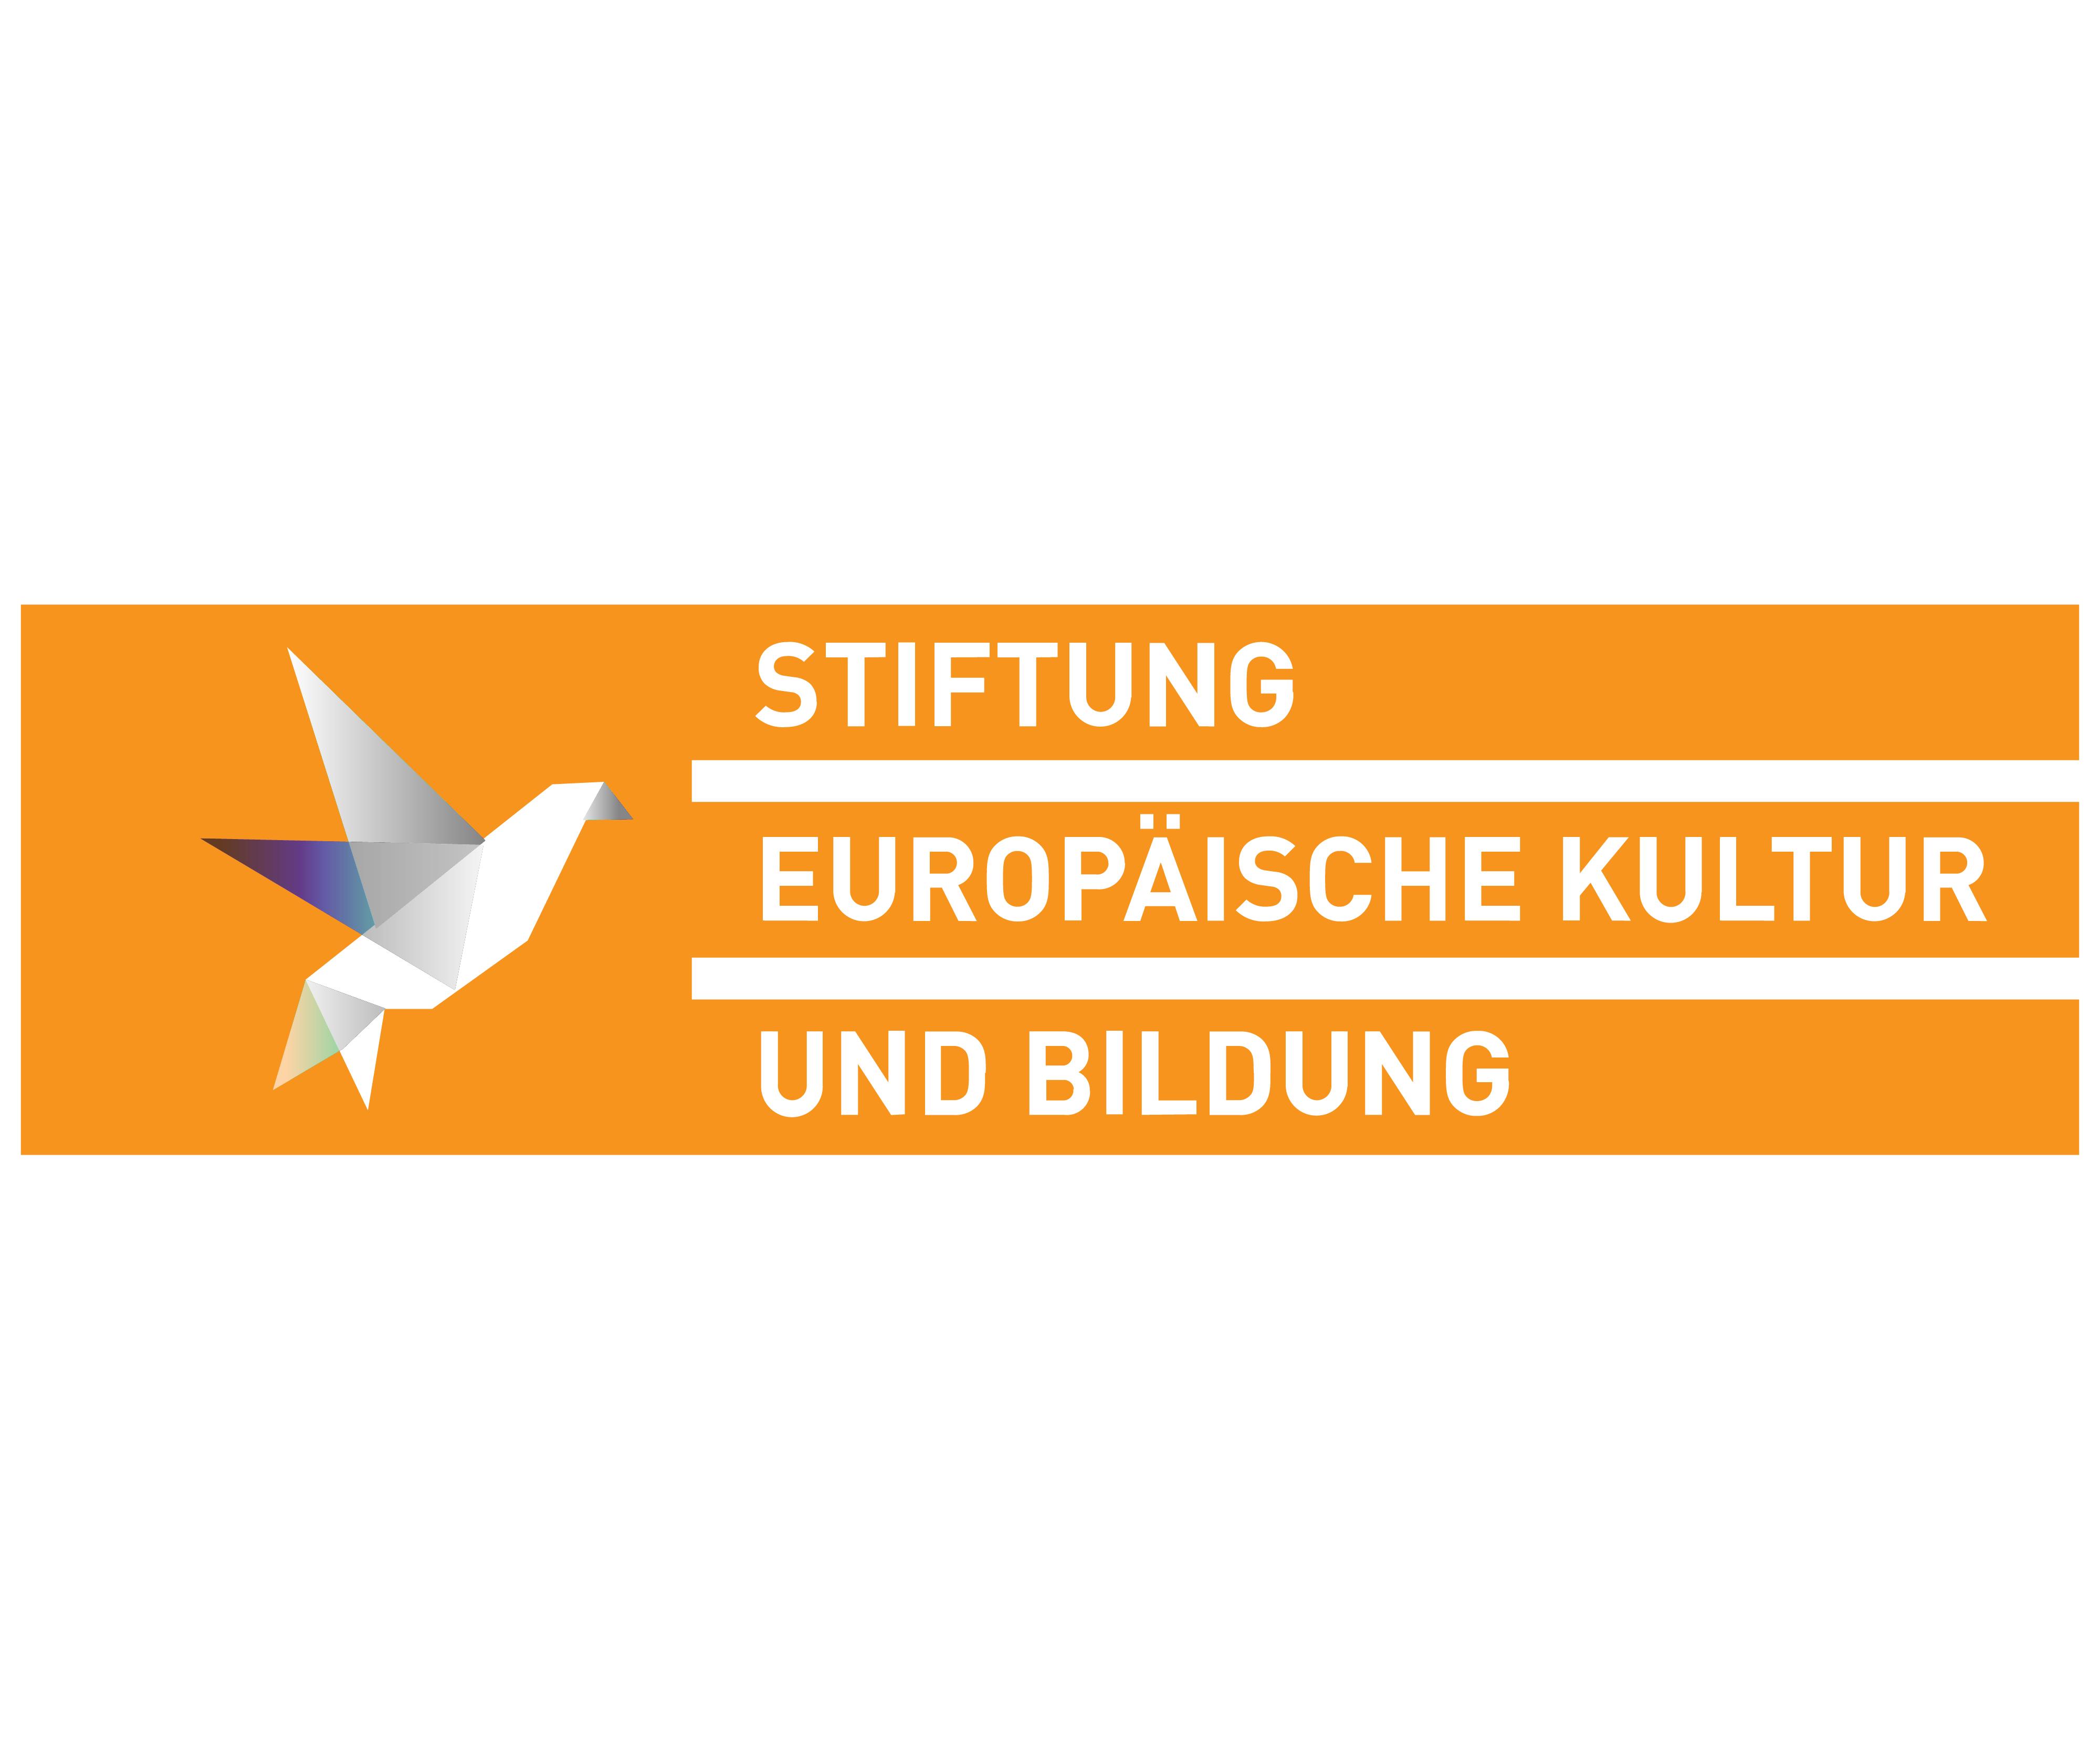 Stiftung europäische Kultur und Bildung